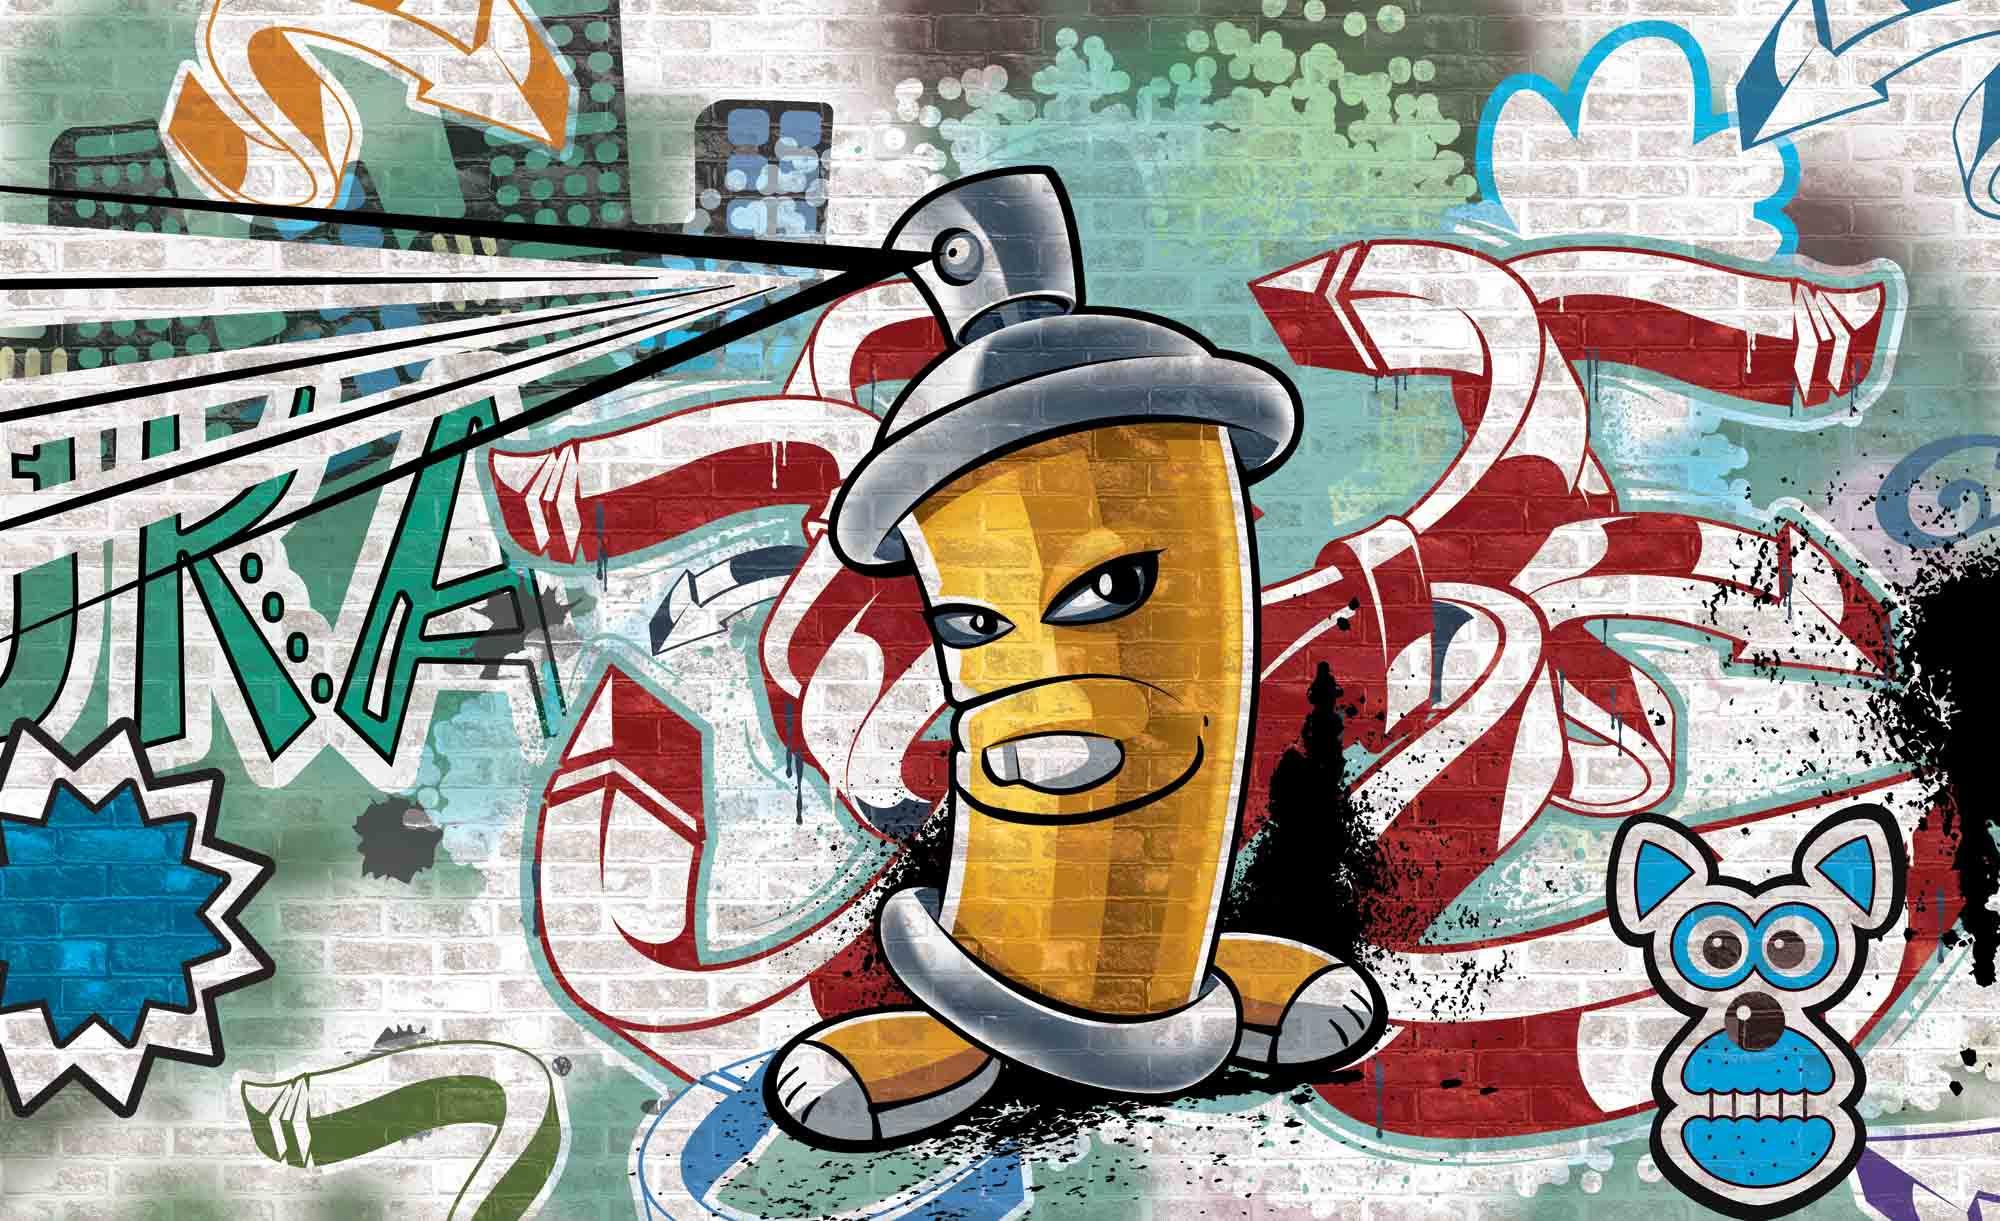 Картинки граффити на заставку телефона